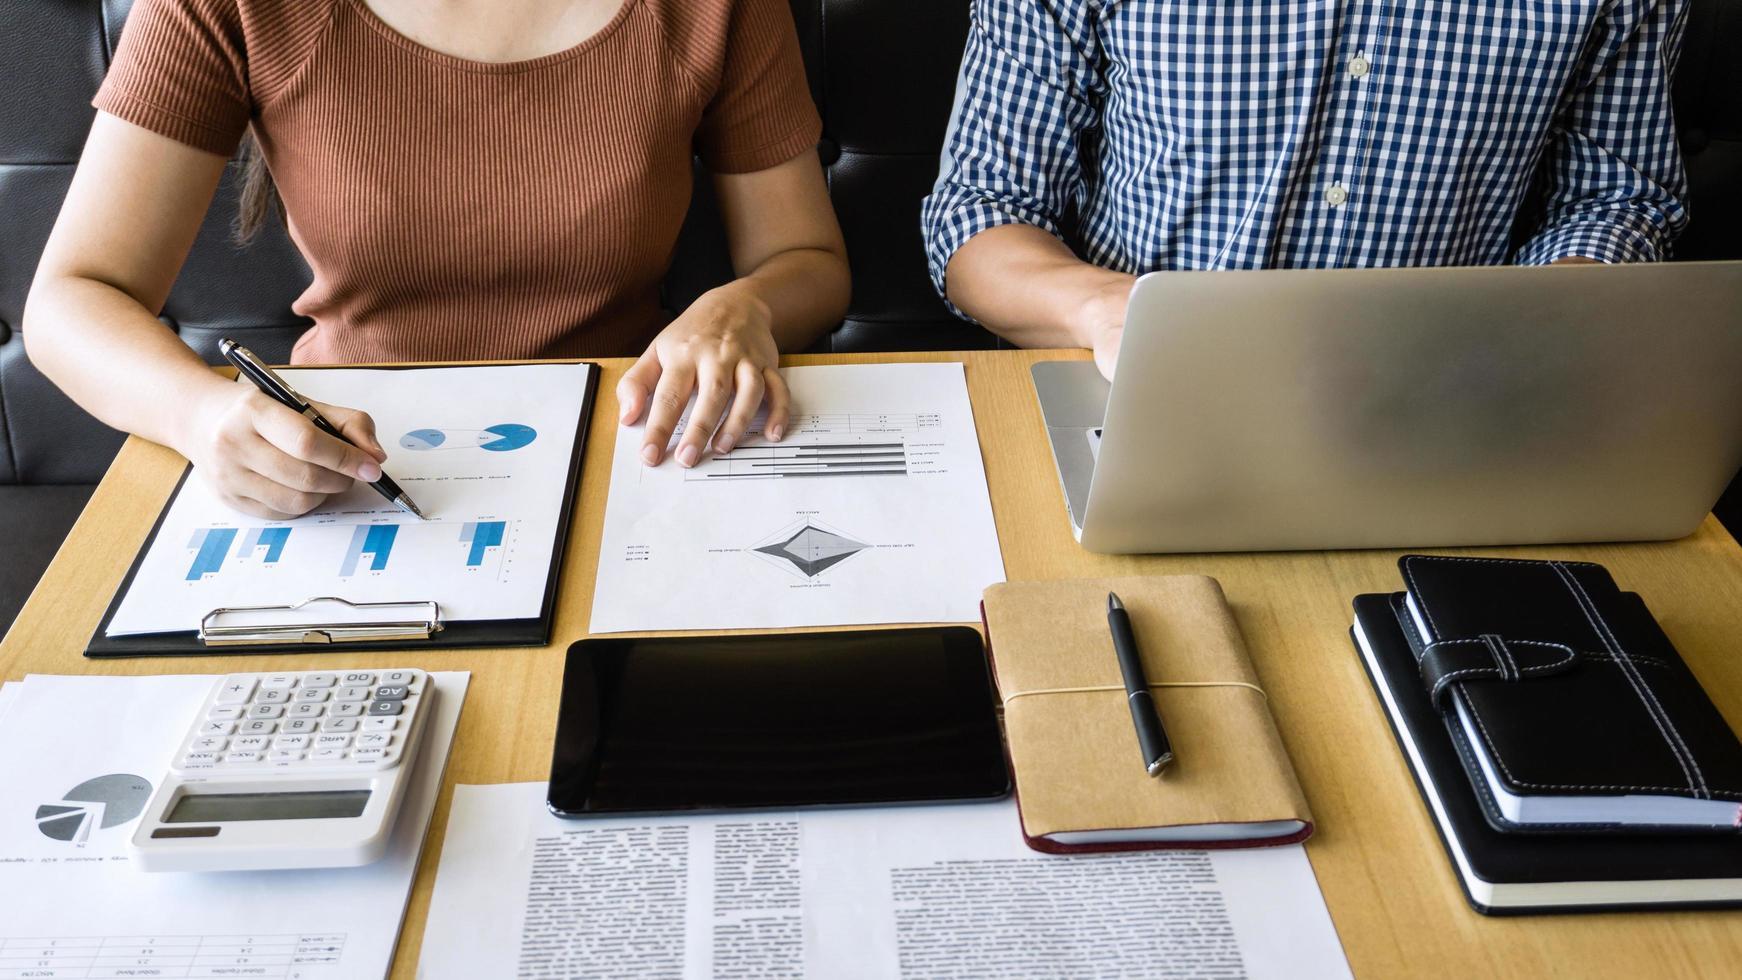 Geschäftspartner diskutieren ein Projekt foto